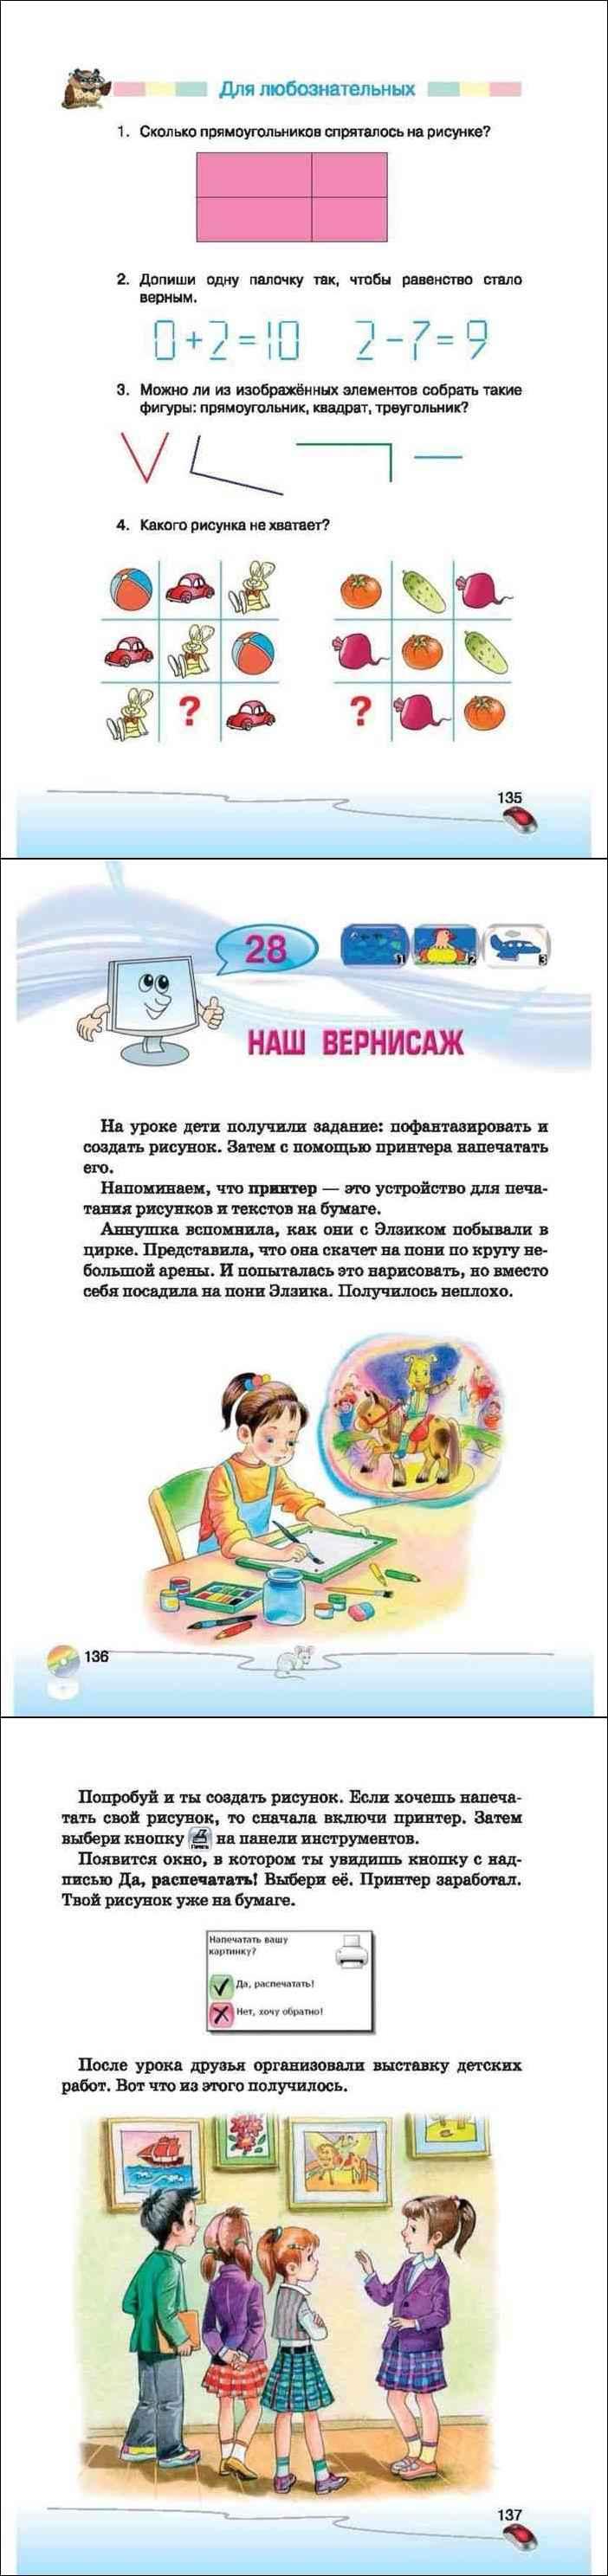 Решение задач по информатике 2 класс ломаковская заявление на материальную помощь от студента